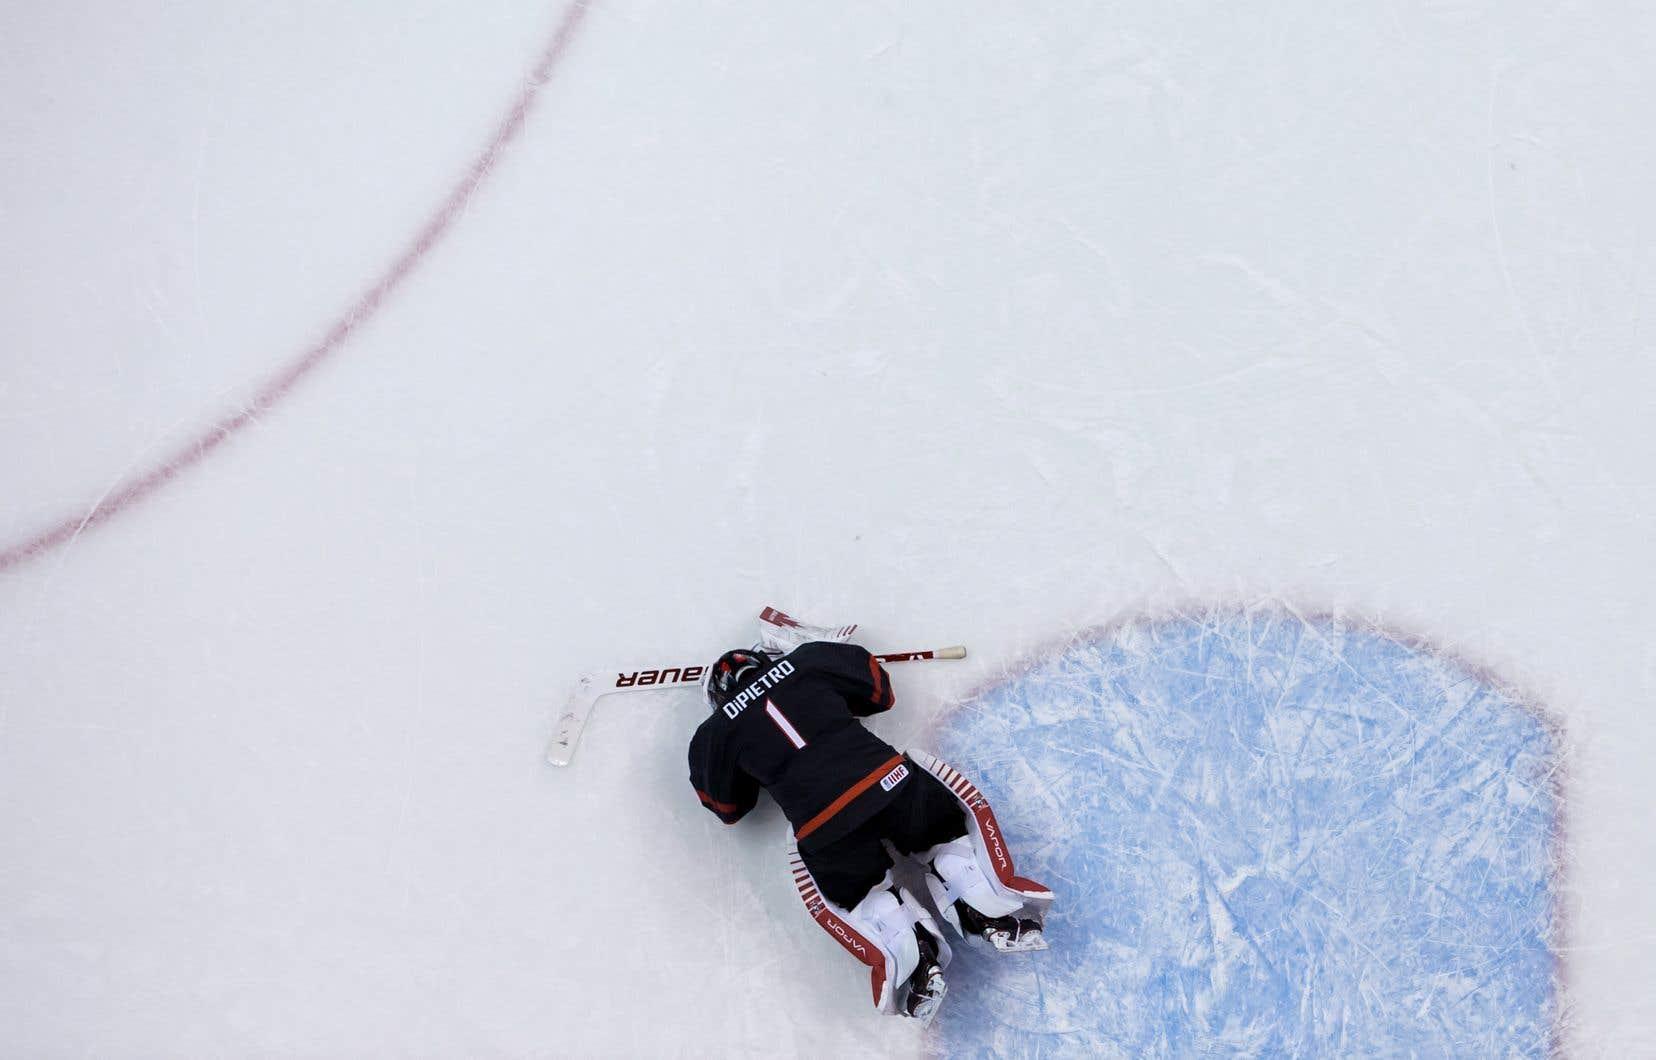 Le gardien de l'équipe canadienne,Michael DiPietro, a été déjoué à 5min 17s de la période de prolongation et la Finlande a éliminé Équipe Canada 2-1 en quarts de finale du tournoi.